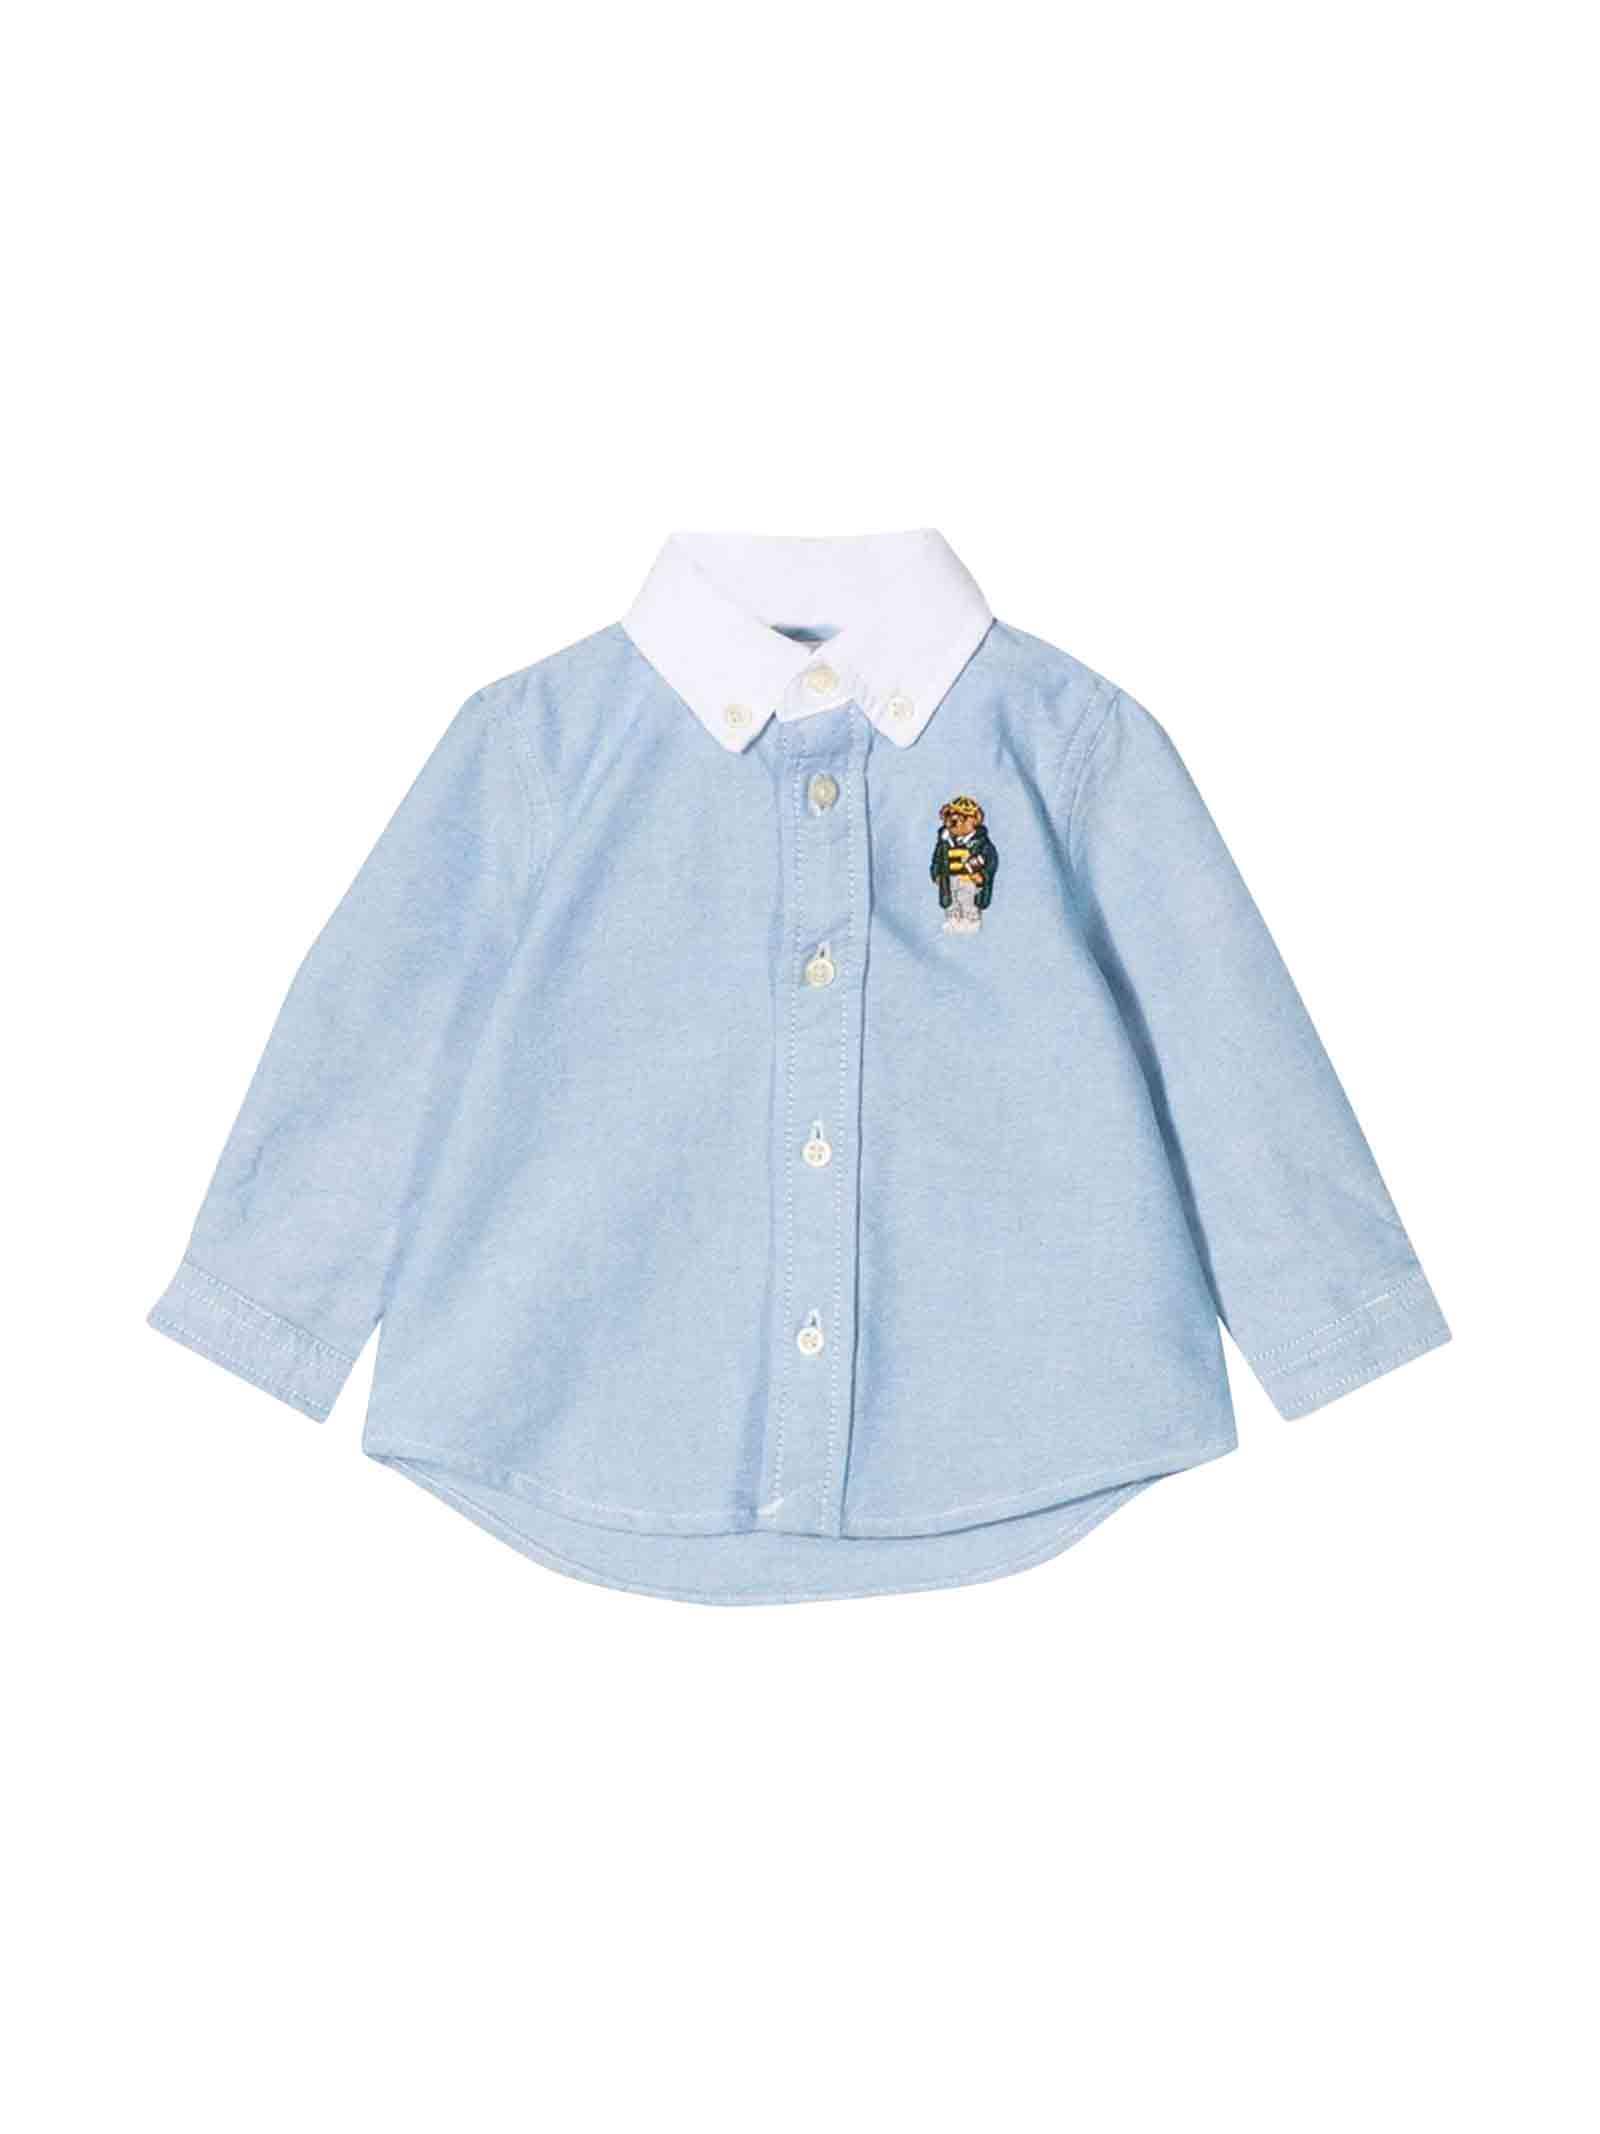 new product f2a38 842d3 Camicia azzurra neonato Ralph Lauren kids